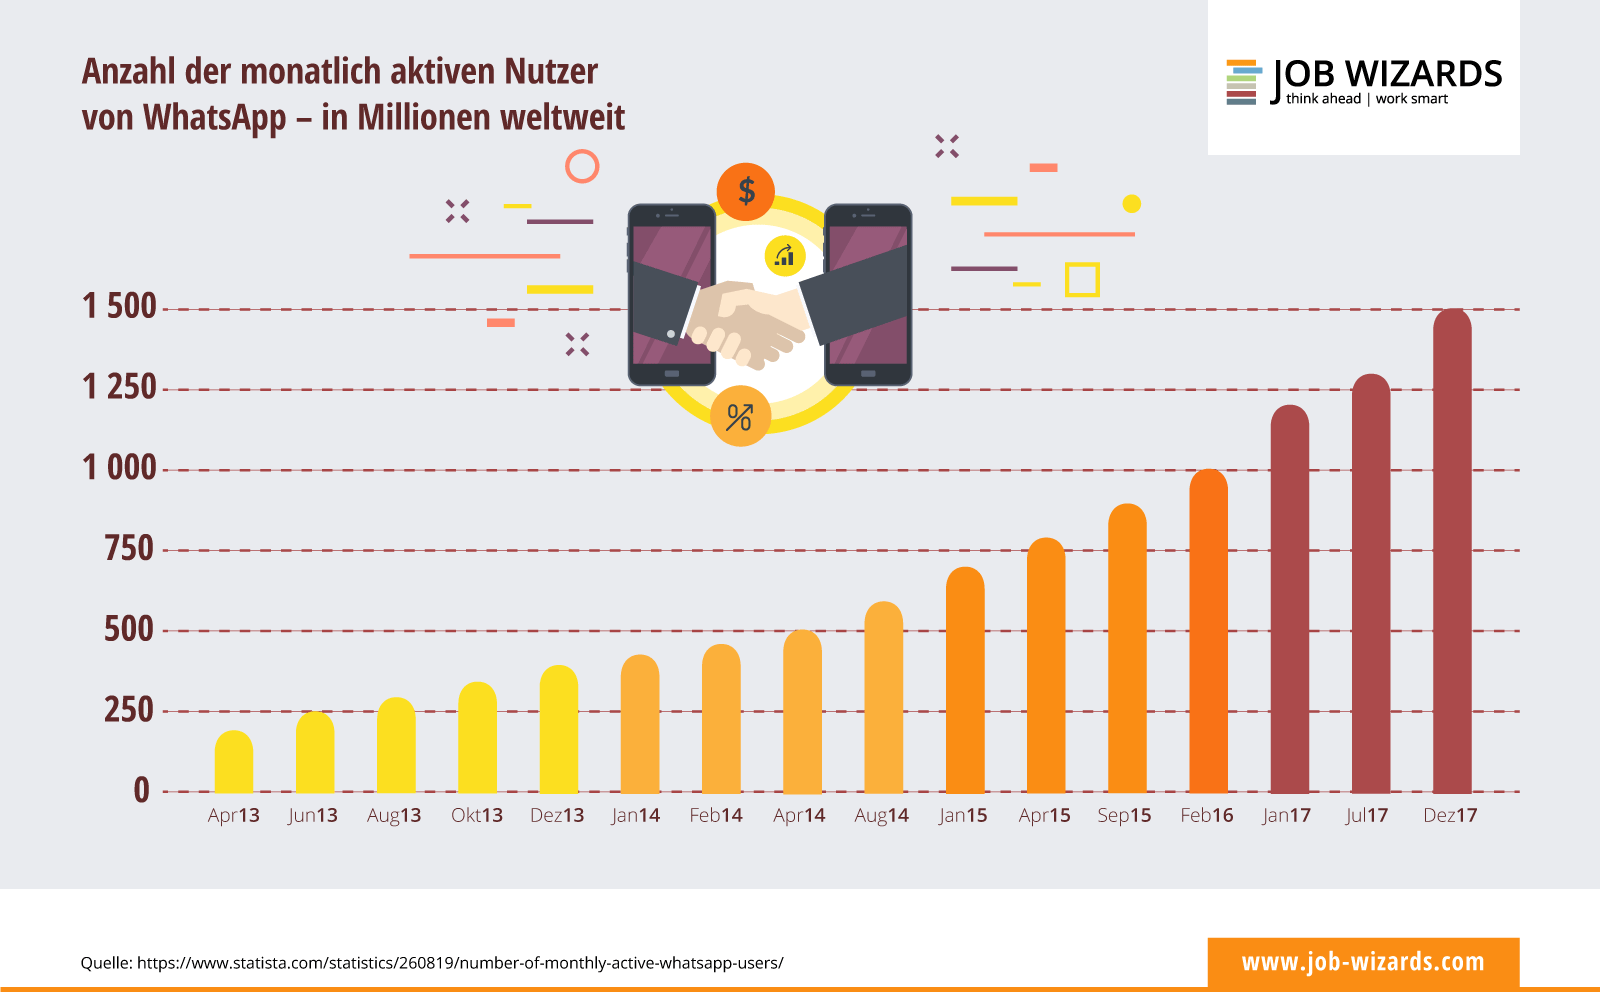 Infografik zur Entwicklung der Nutzerzahlen bei Whatsapp